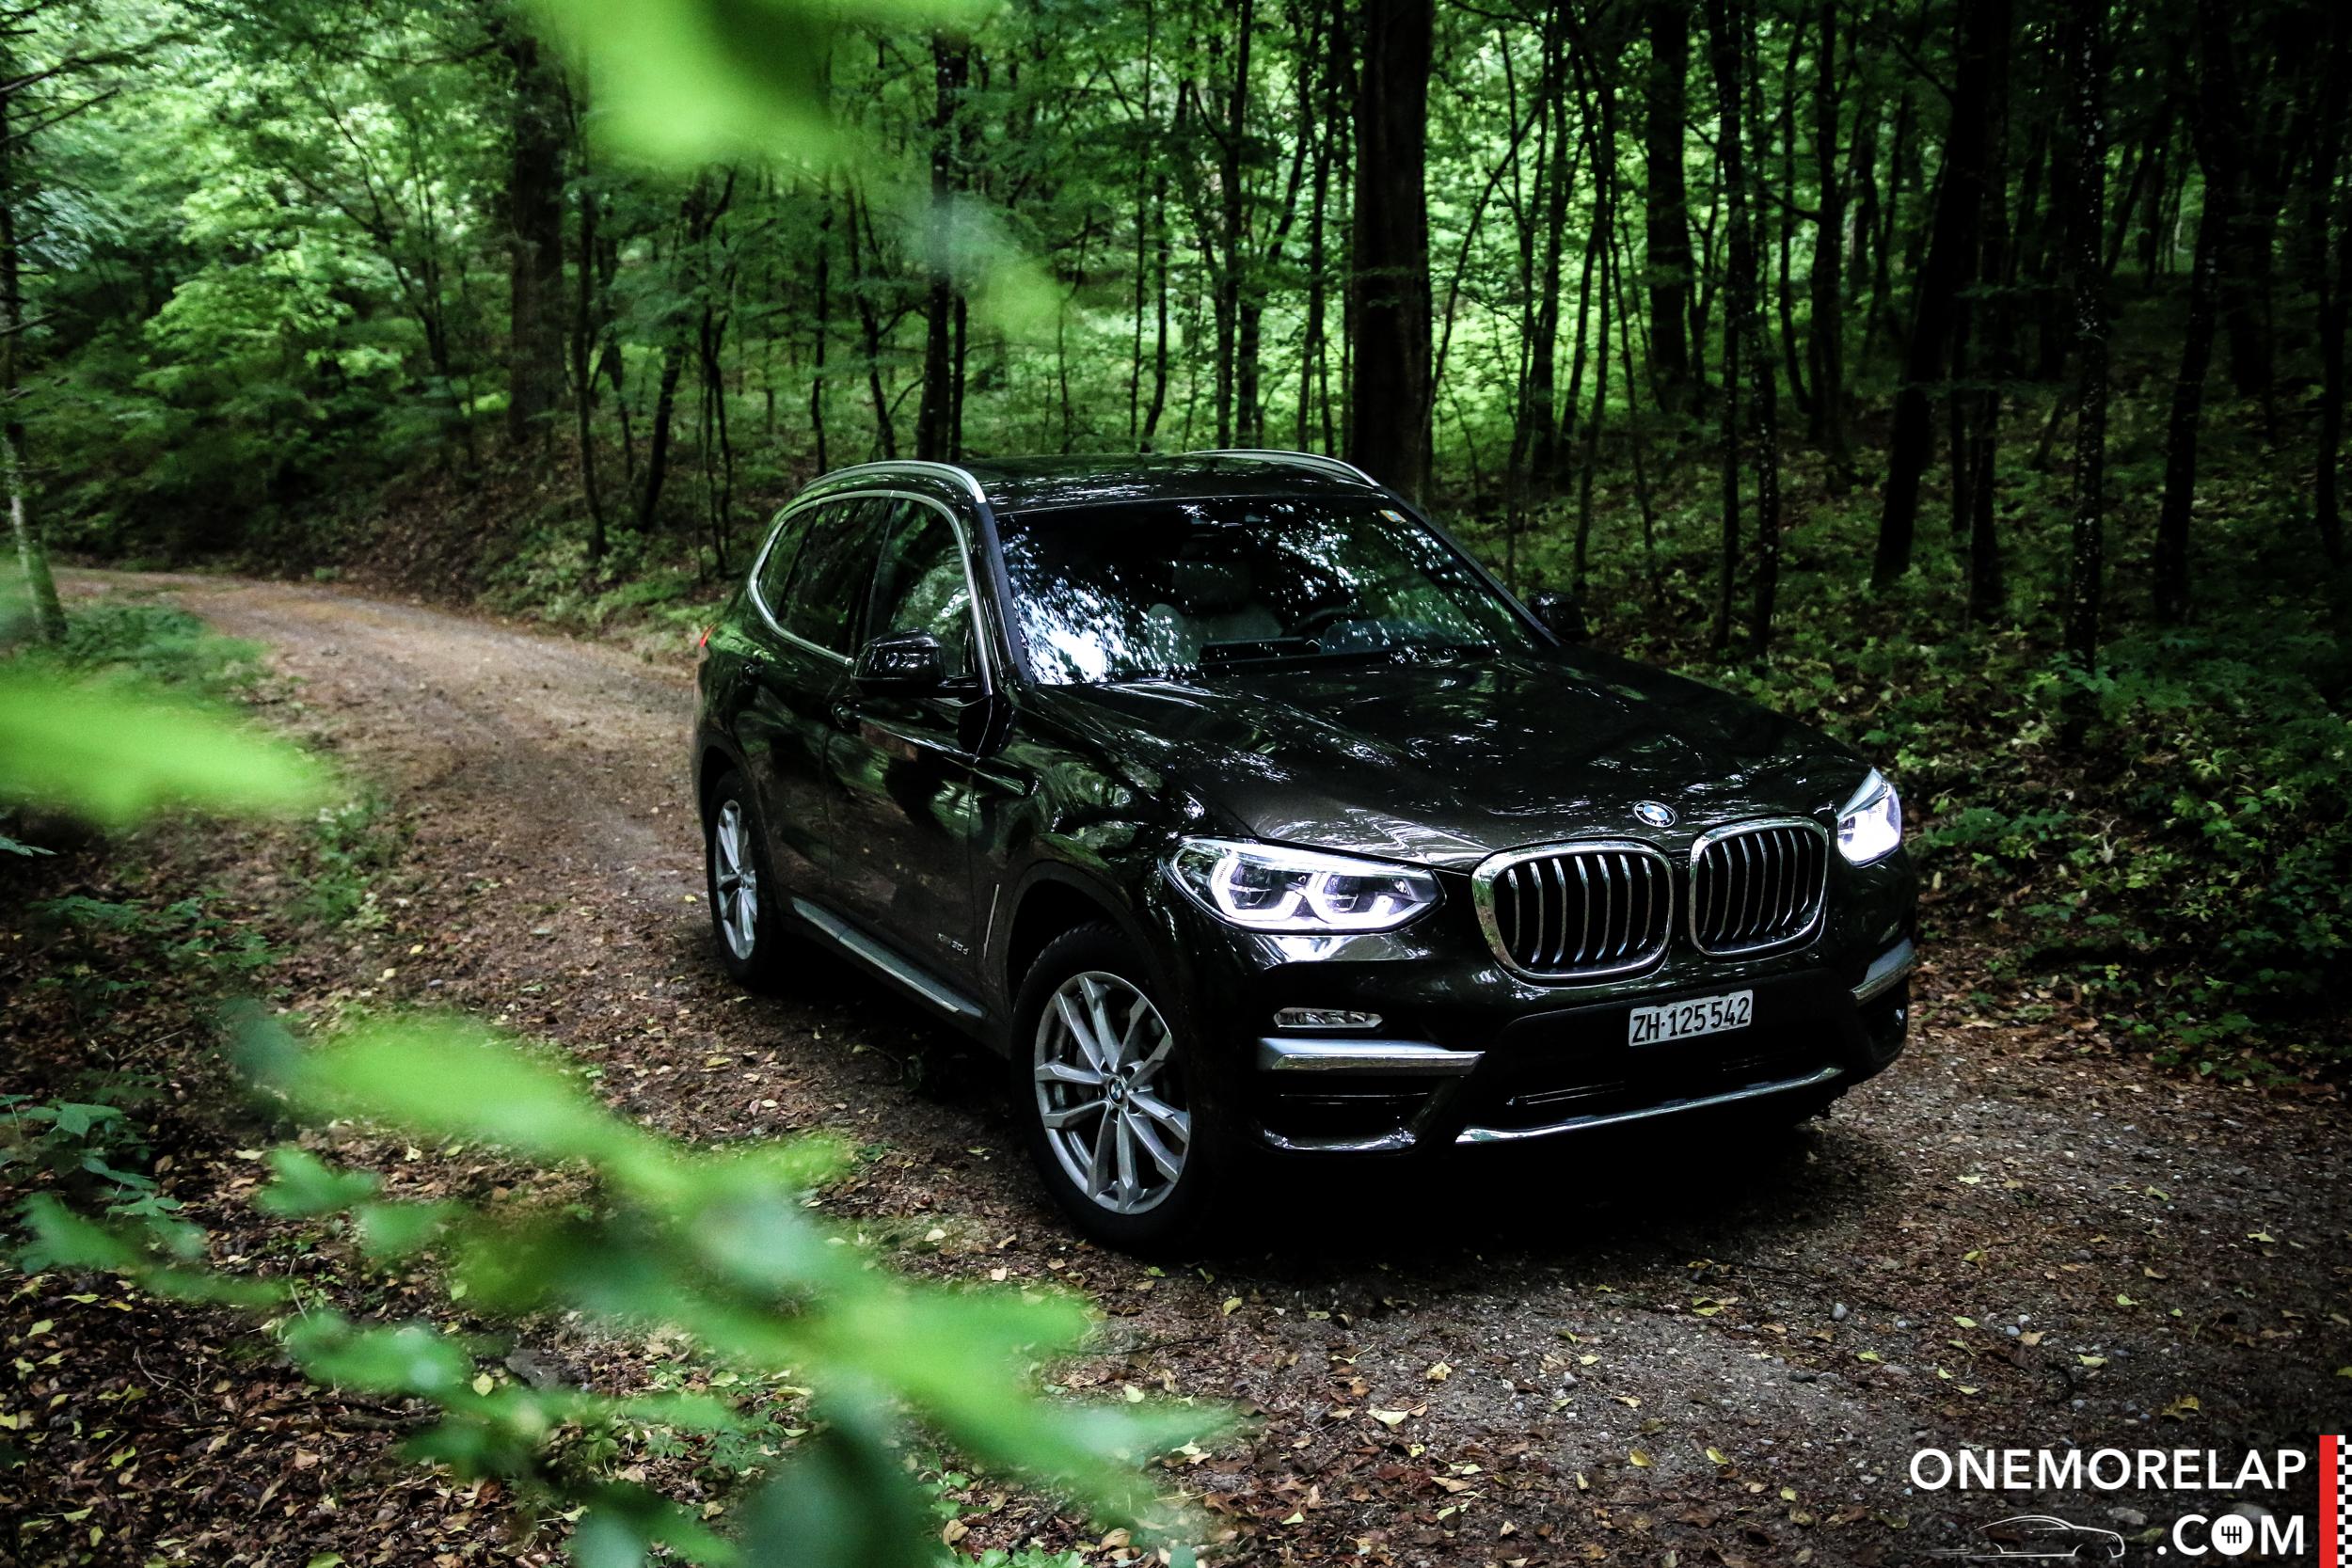 Fahrbericht BMW X3 30d G01 – eMoreLap